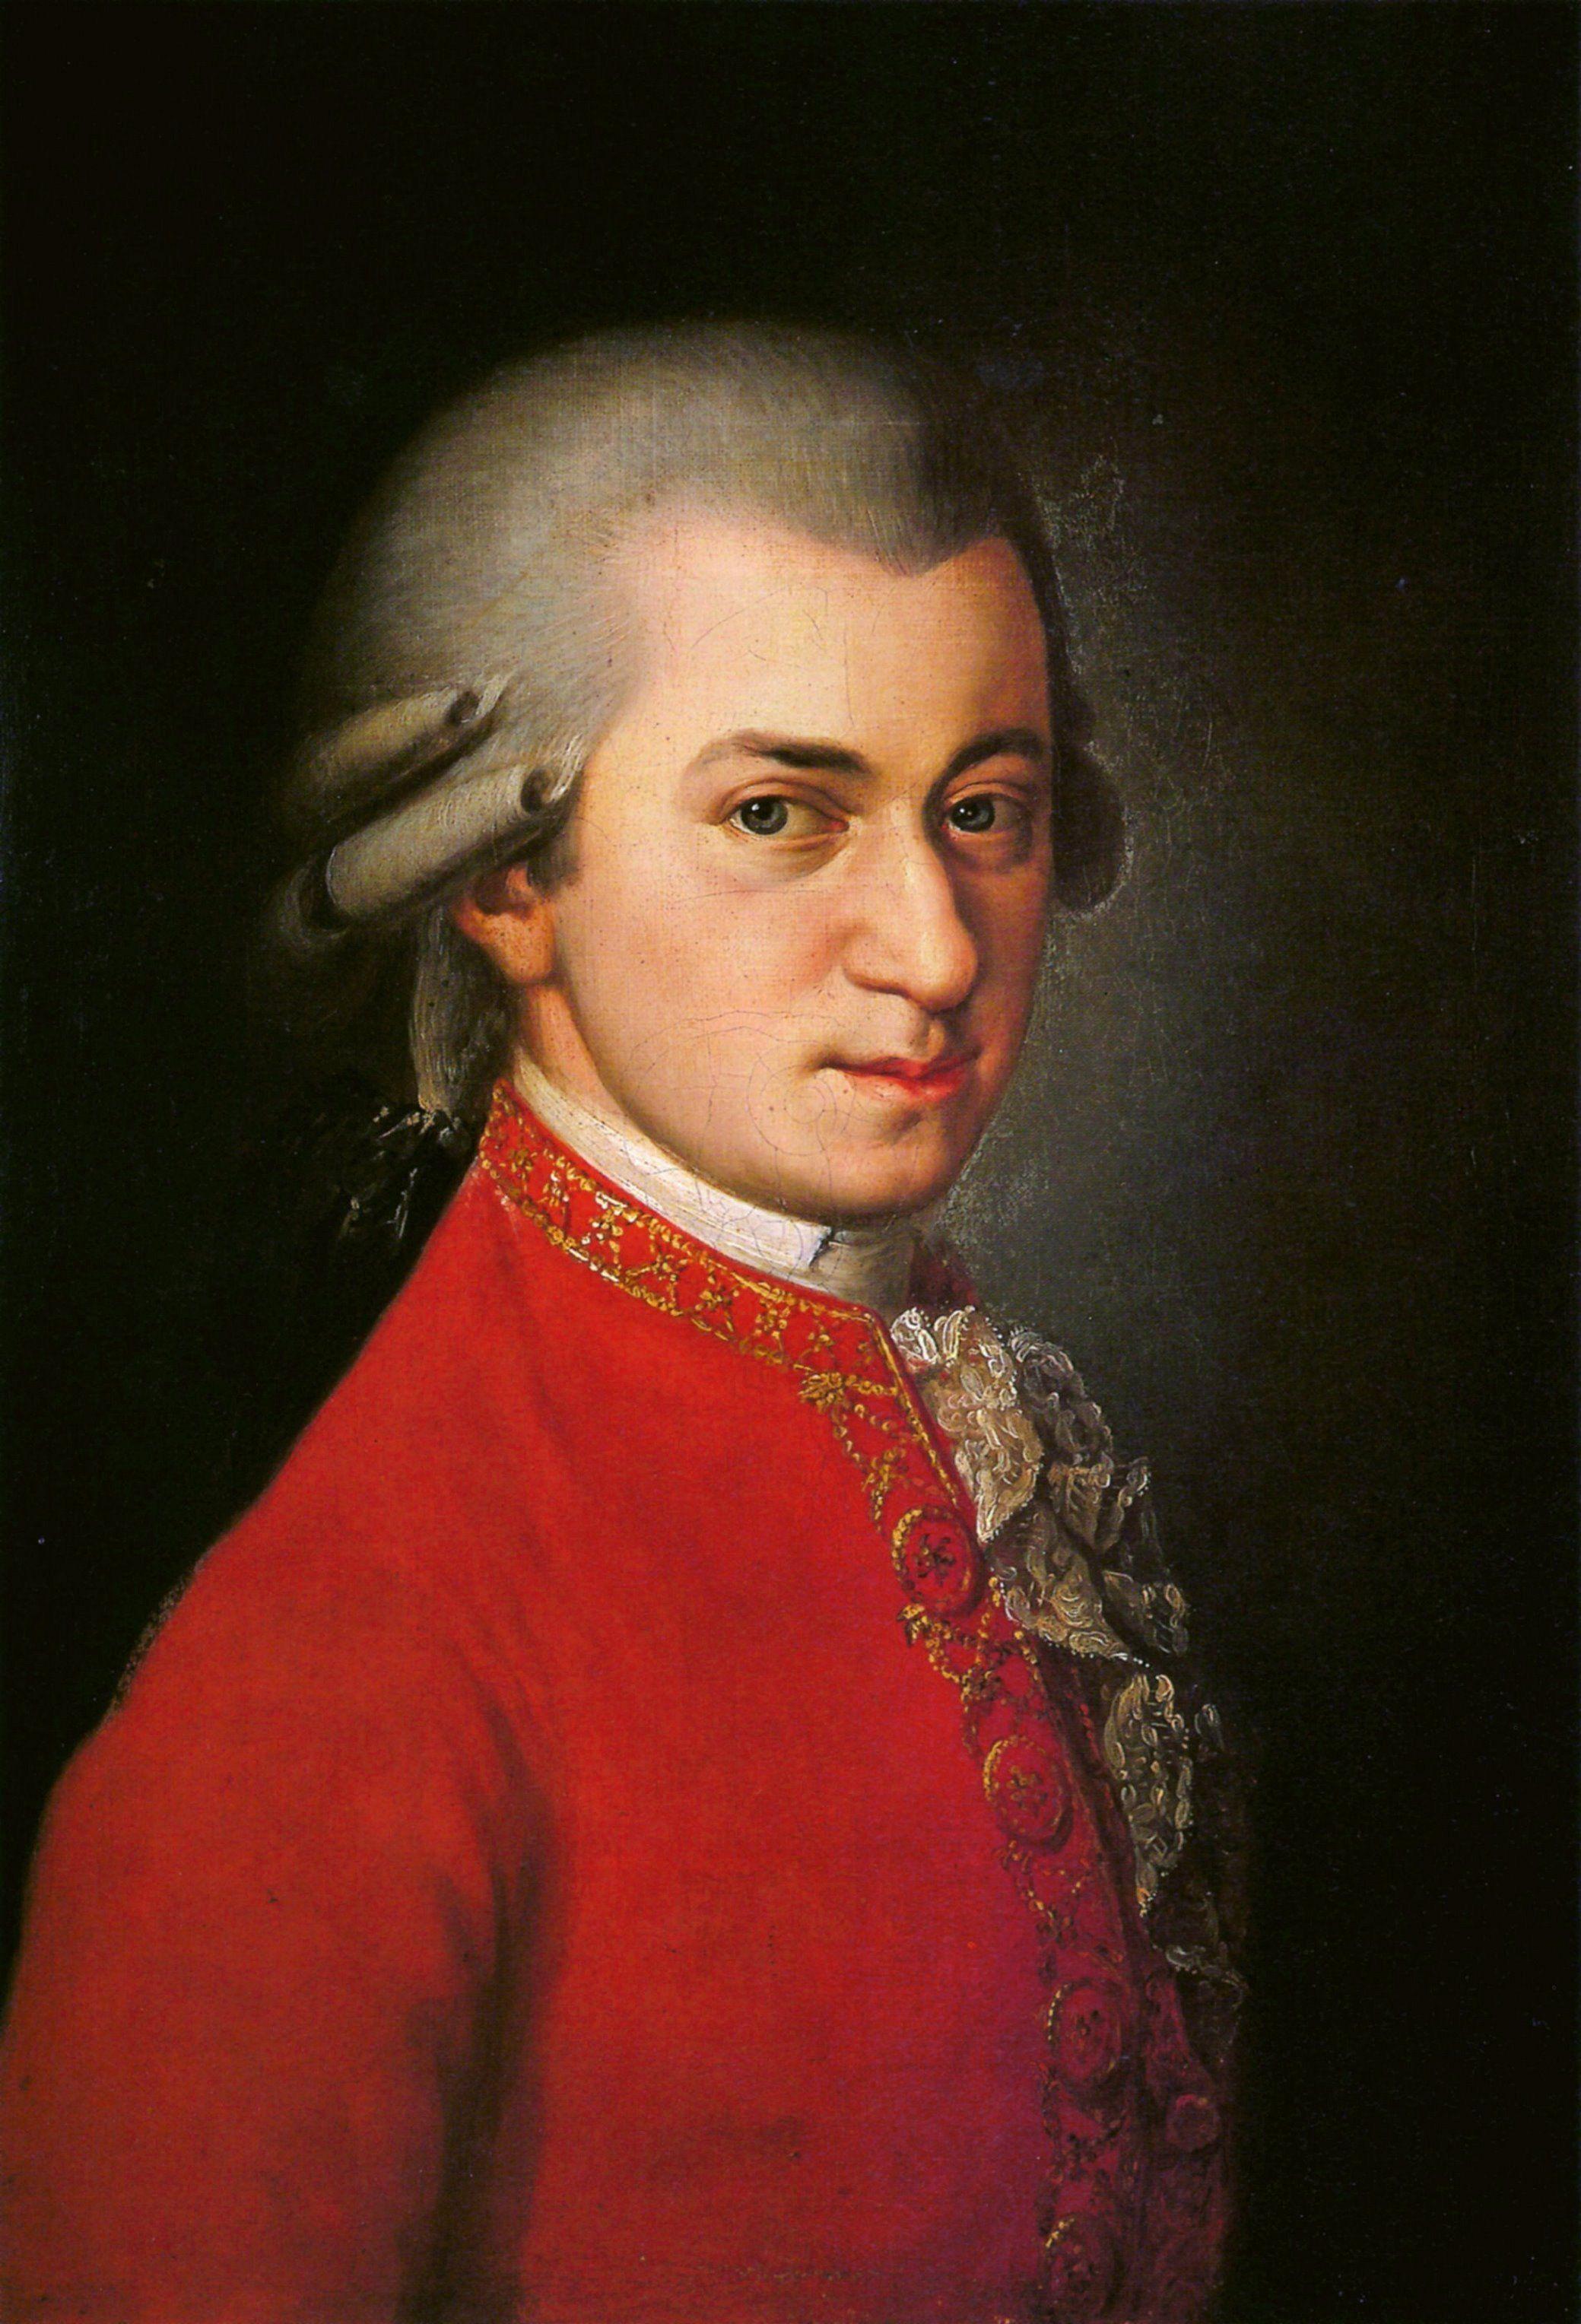 ¿A qué edad murió Wolfgang Amadeus Mozart?